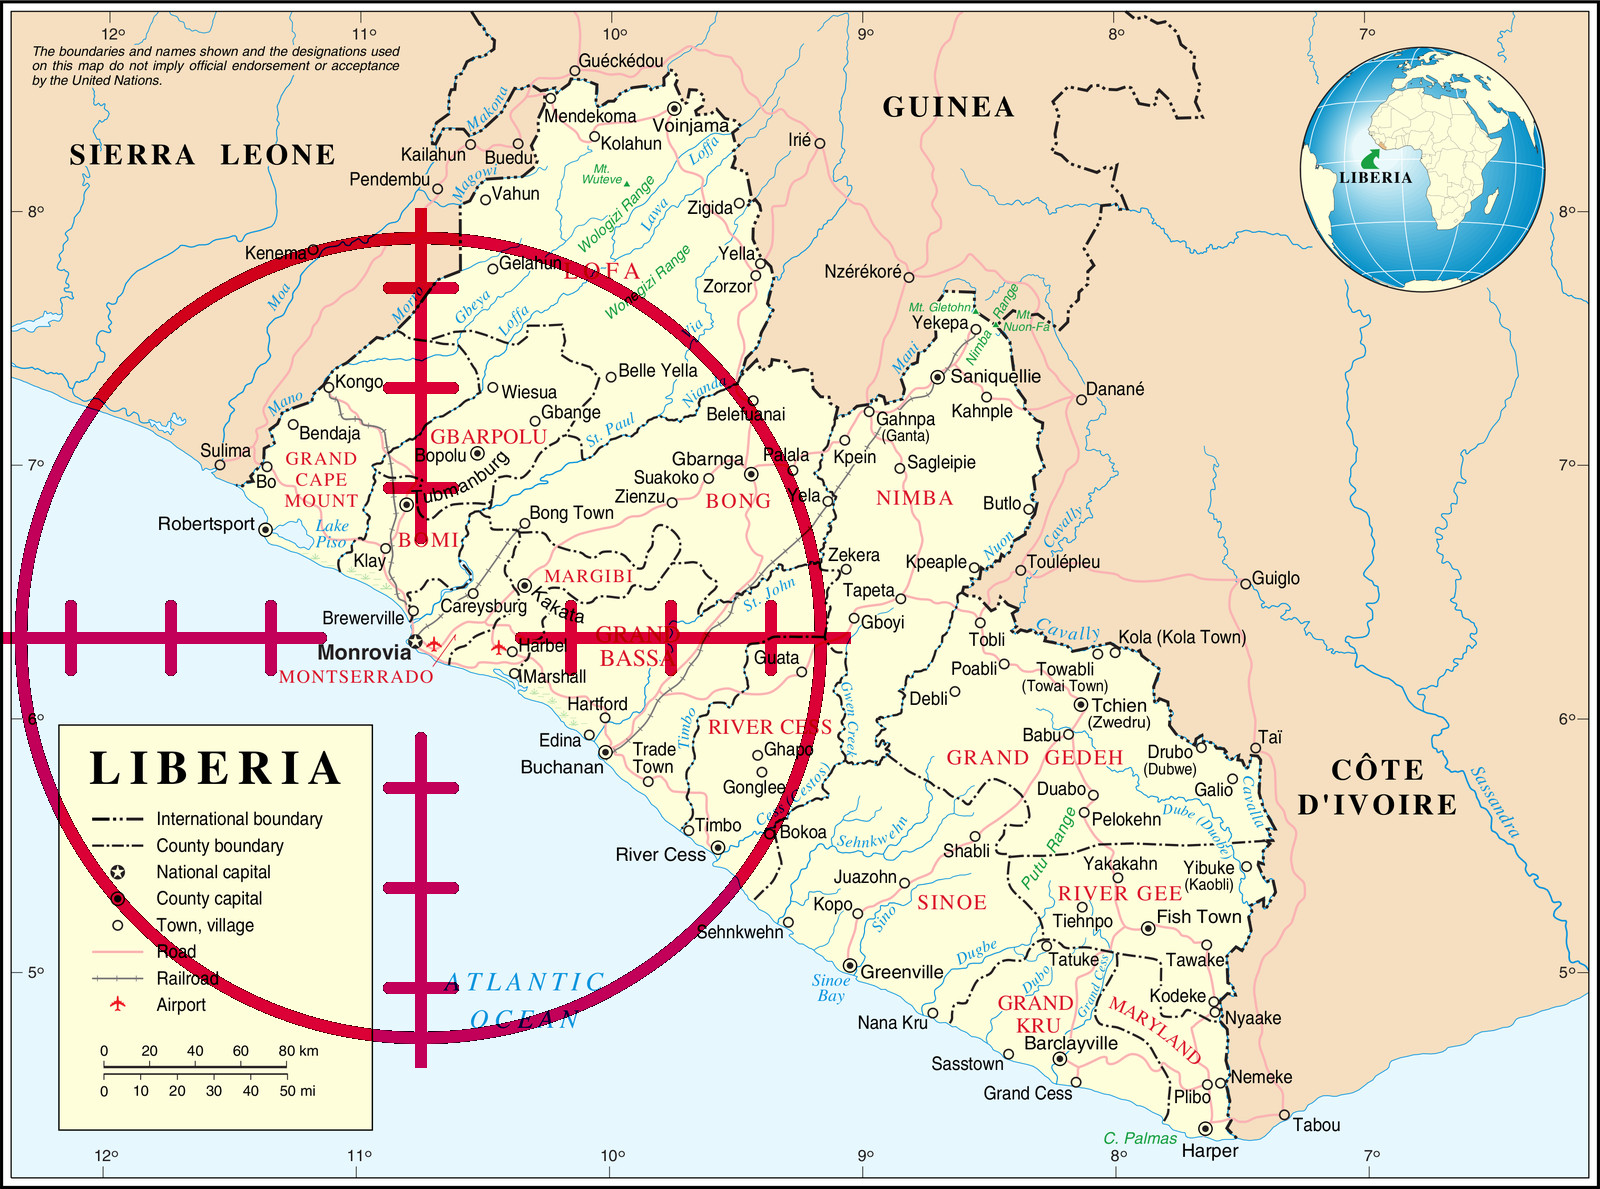 un-liberia-png